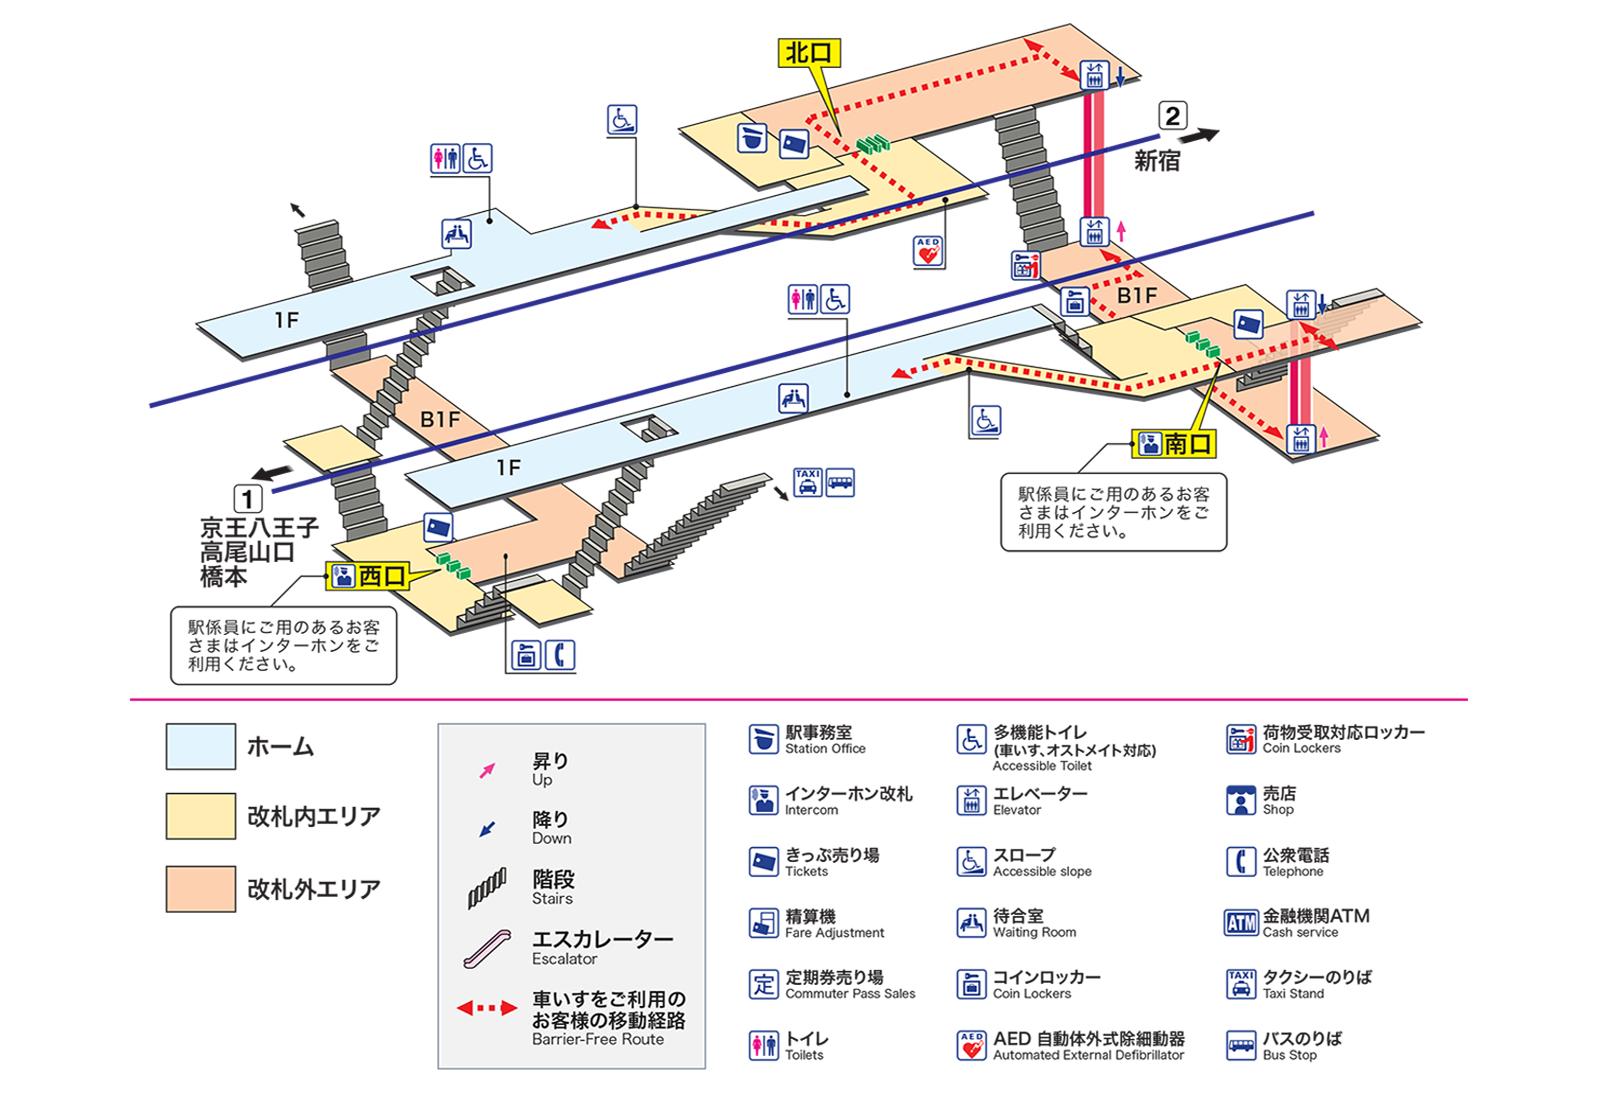 千歳 烏山 駅 時刻 表 千歳烏山駅(京王線 橋本・高尾山口方面)の時刻表